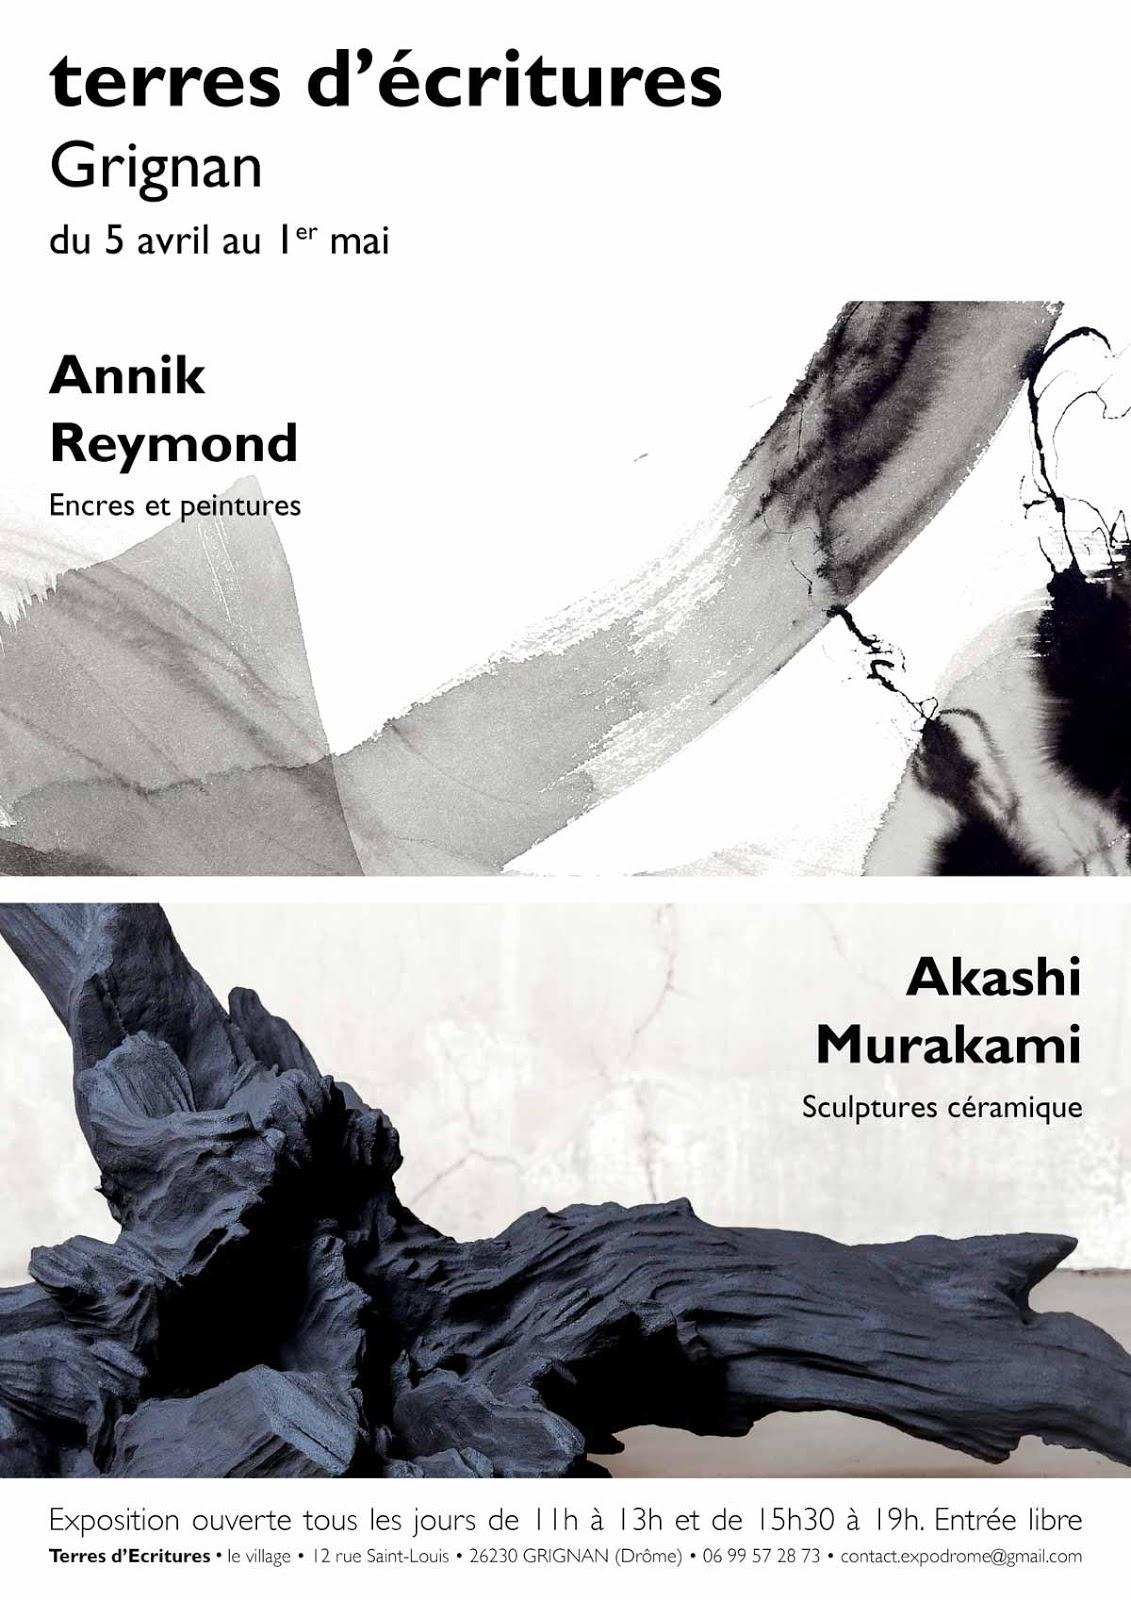 Exposition Terres d'Ecritures Grignan, Reymond | Murakami